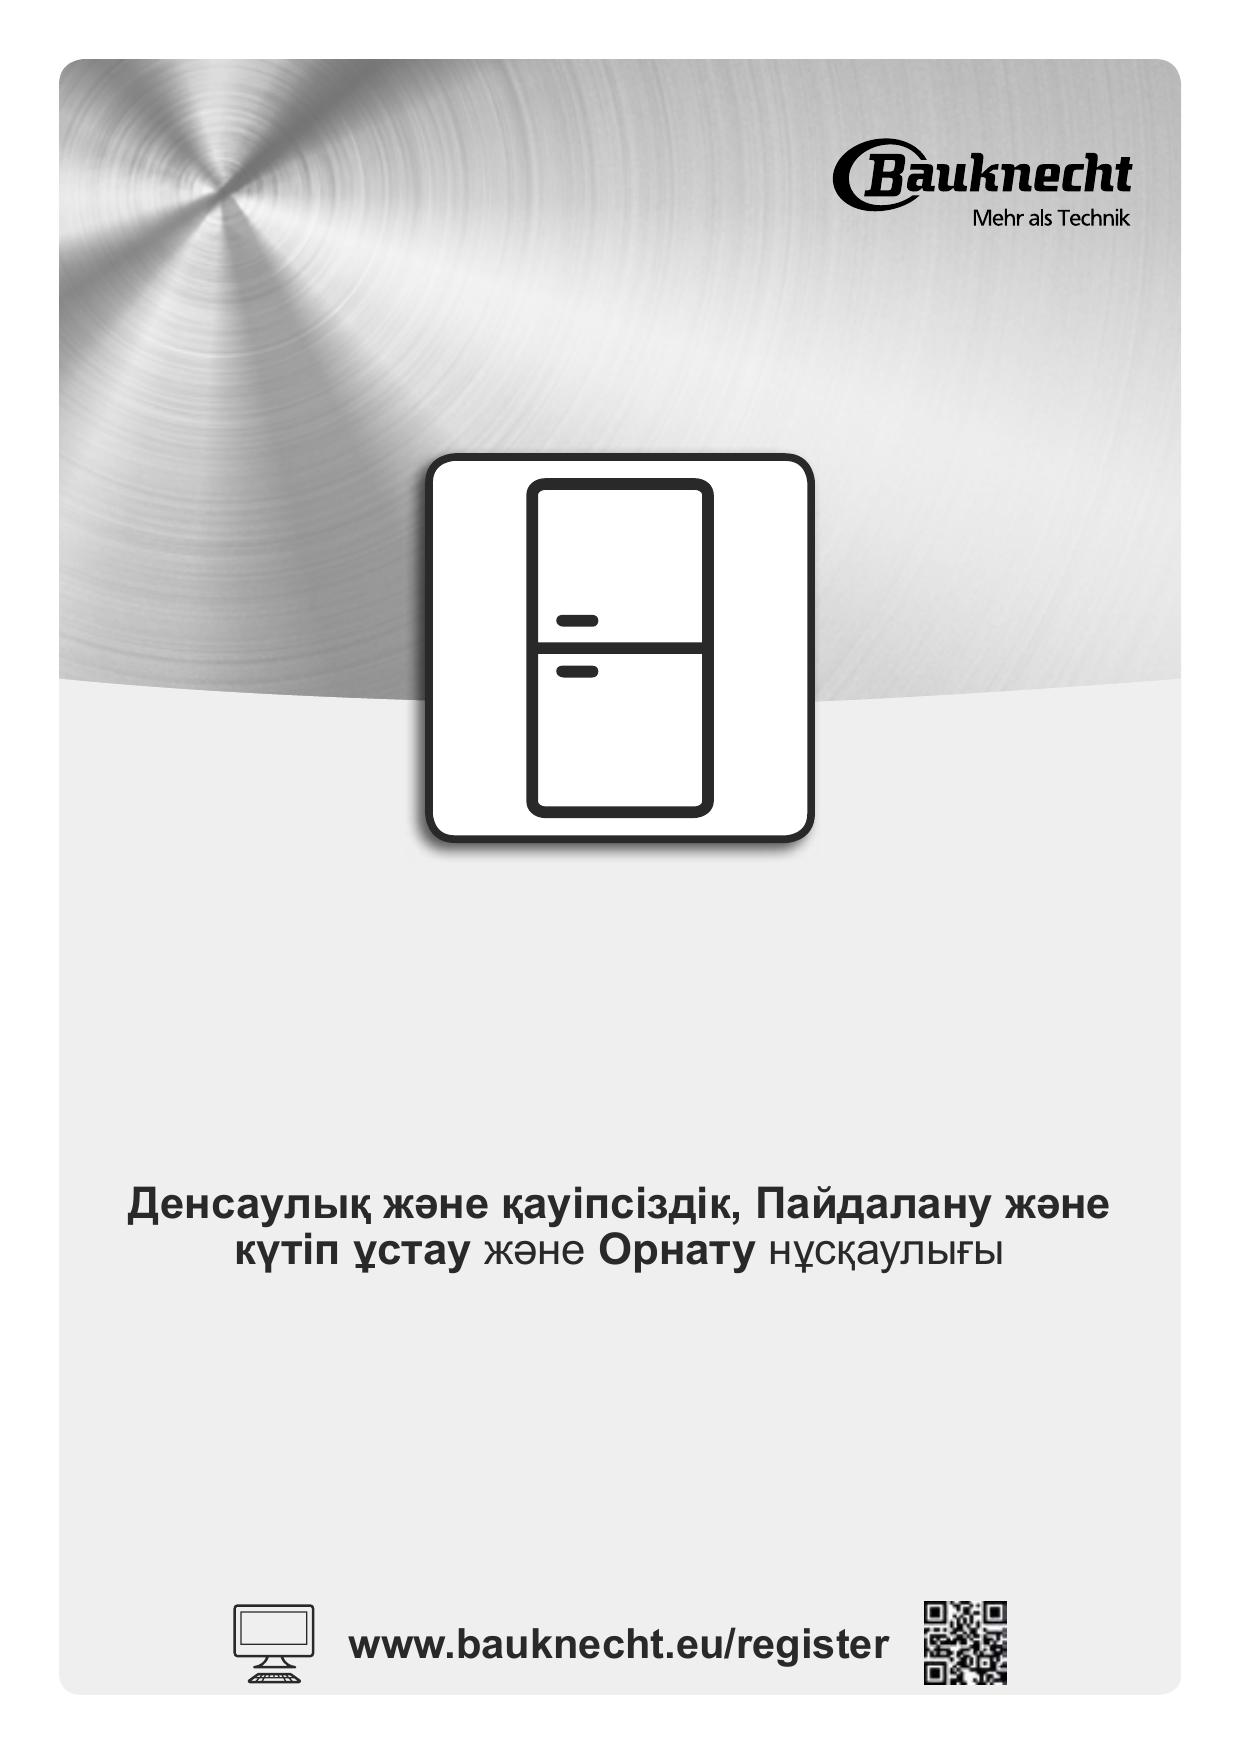 Gambling.ru